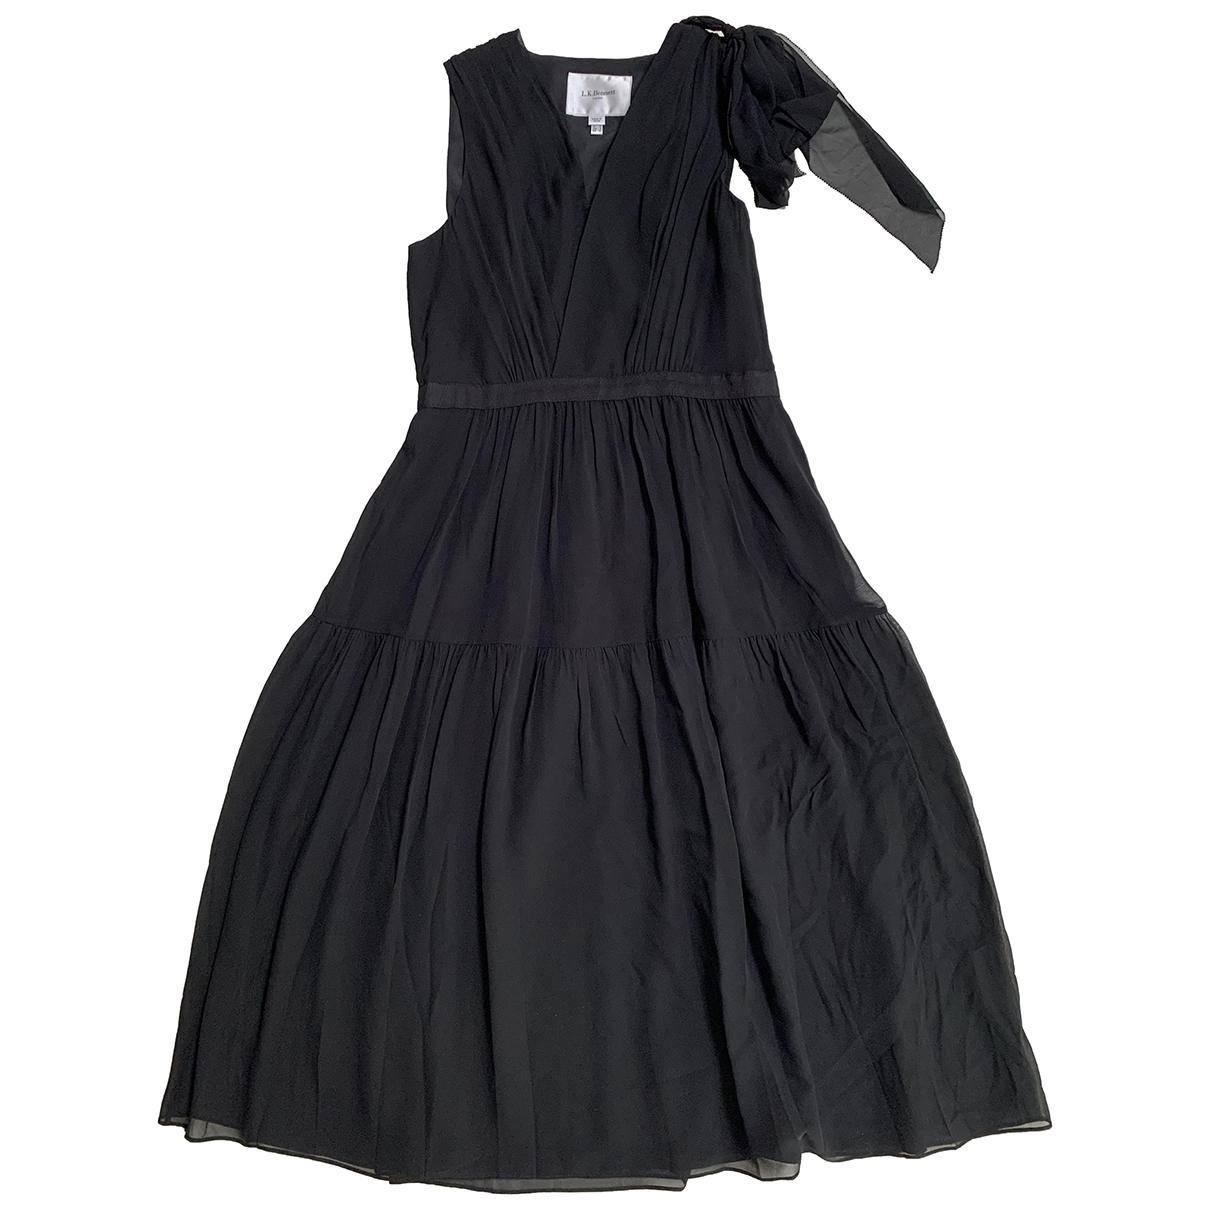 Lk Bennett \N Kleid in  Schwarz Seide